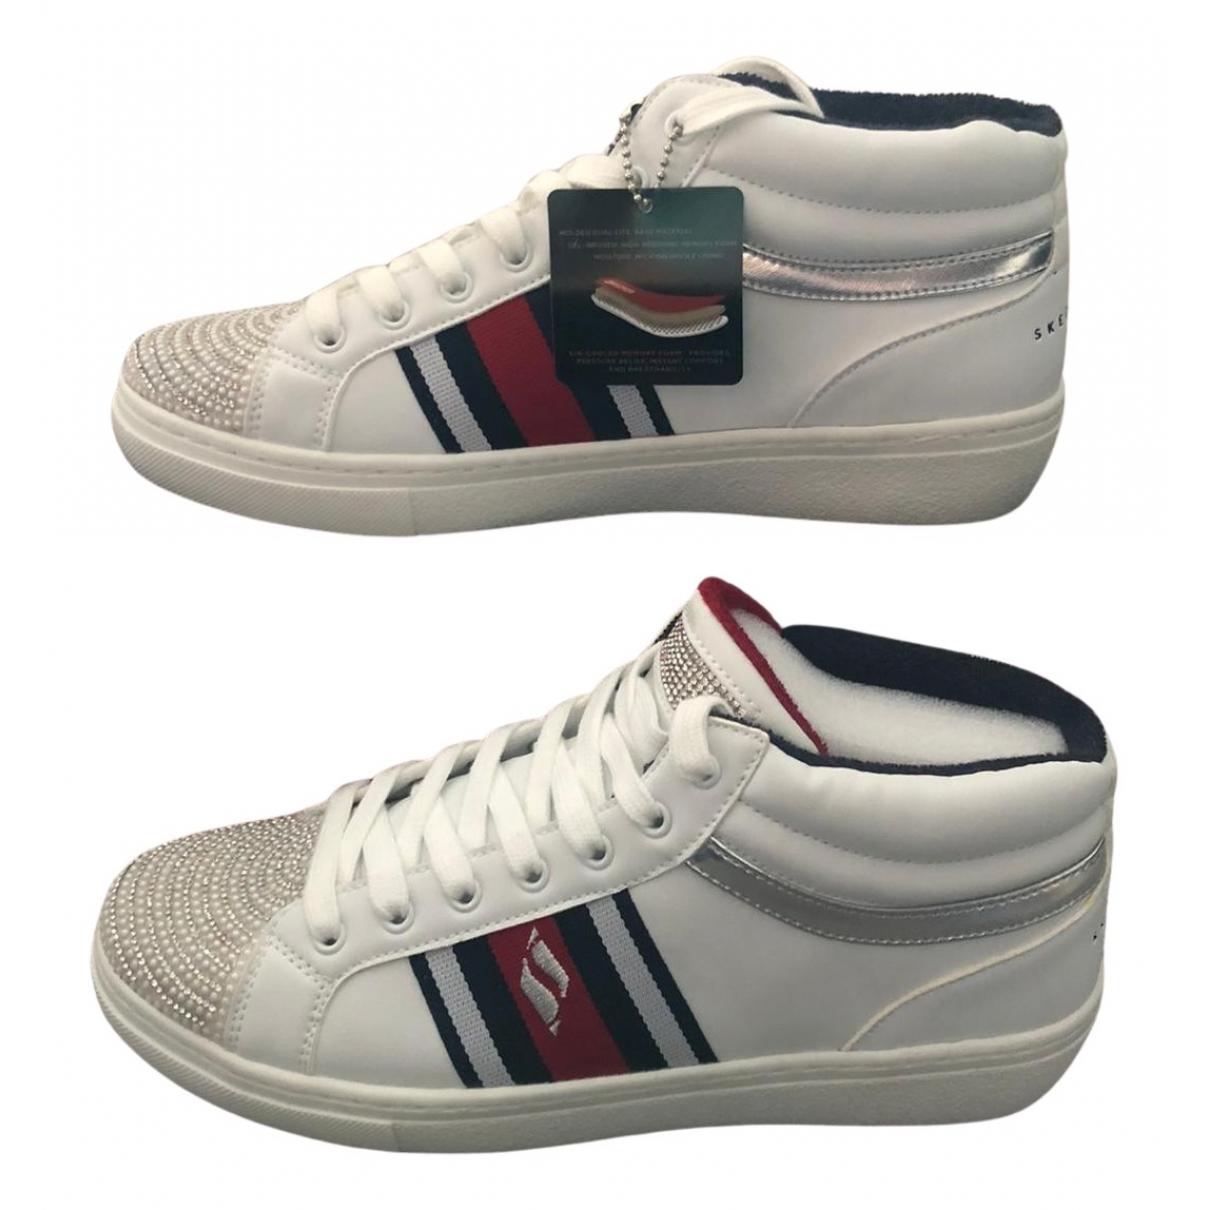 Skechers - Baskets   pour femme en fourrure - blanc